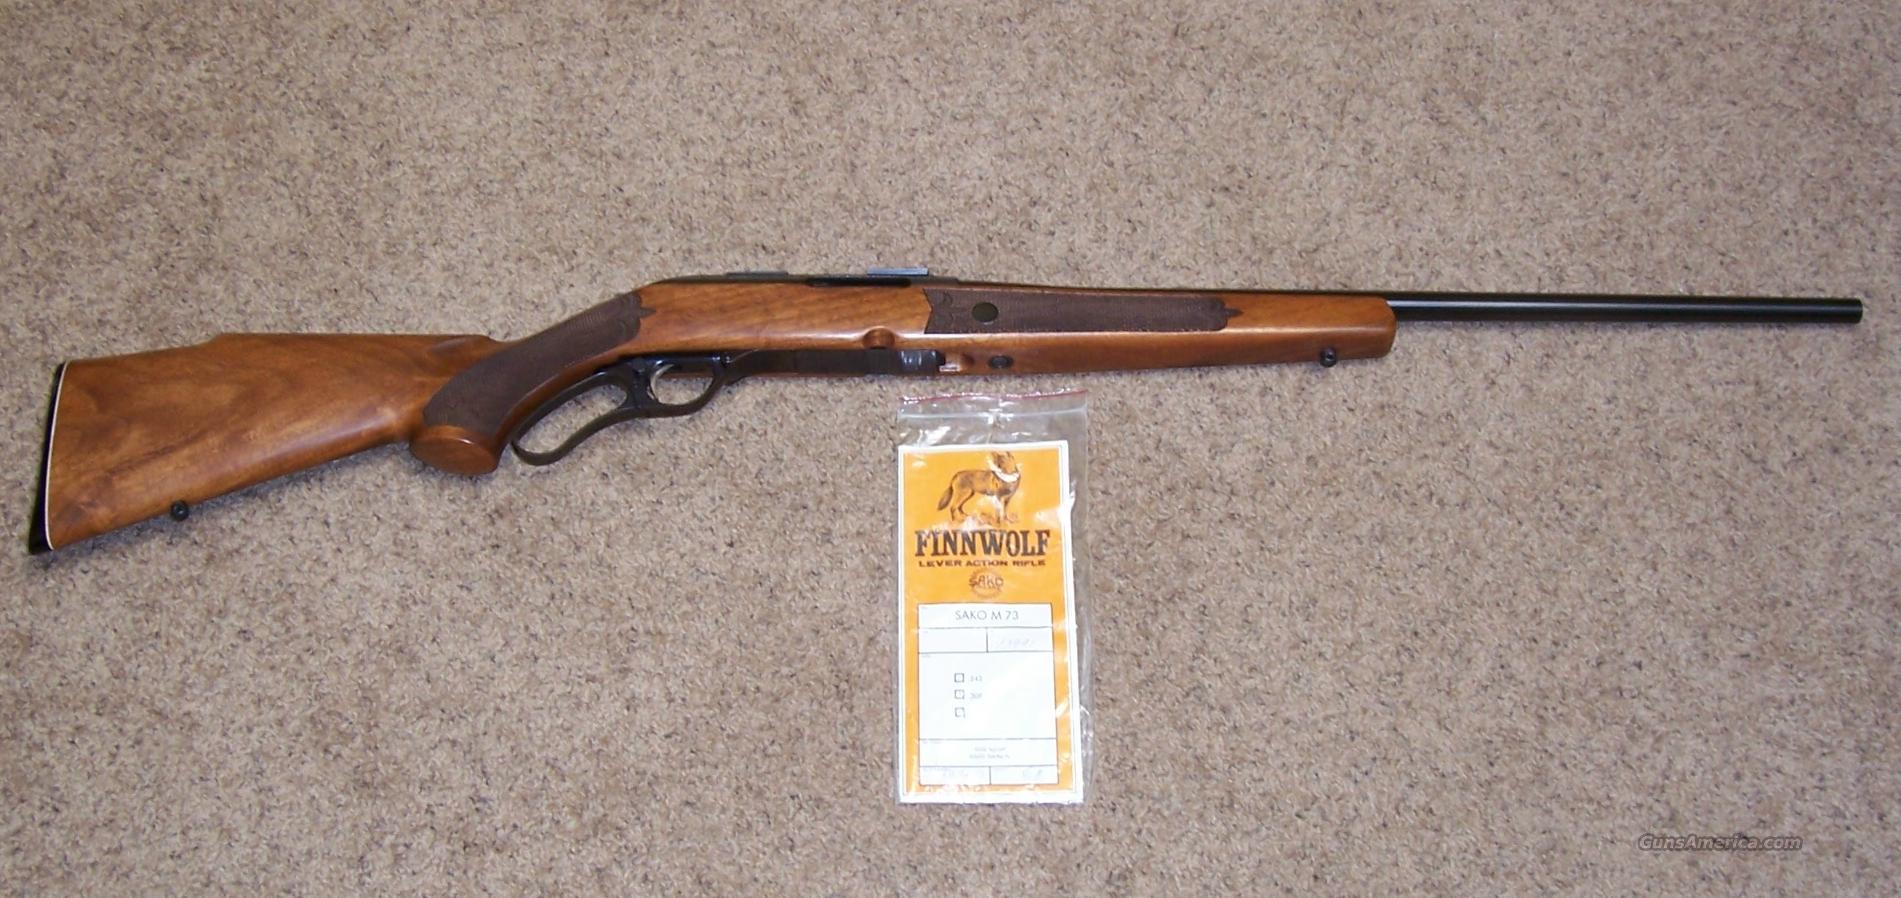 SAKO Finnwolf  Guns > Rifles > Sako Rifles